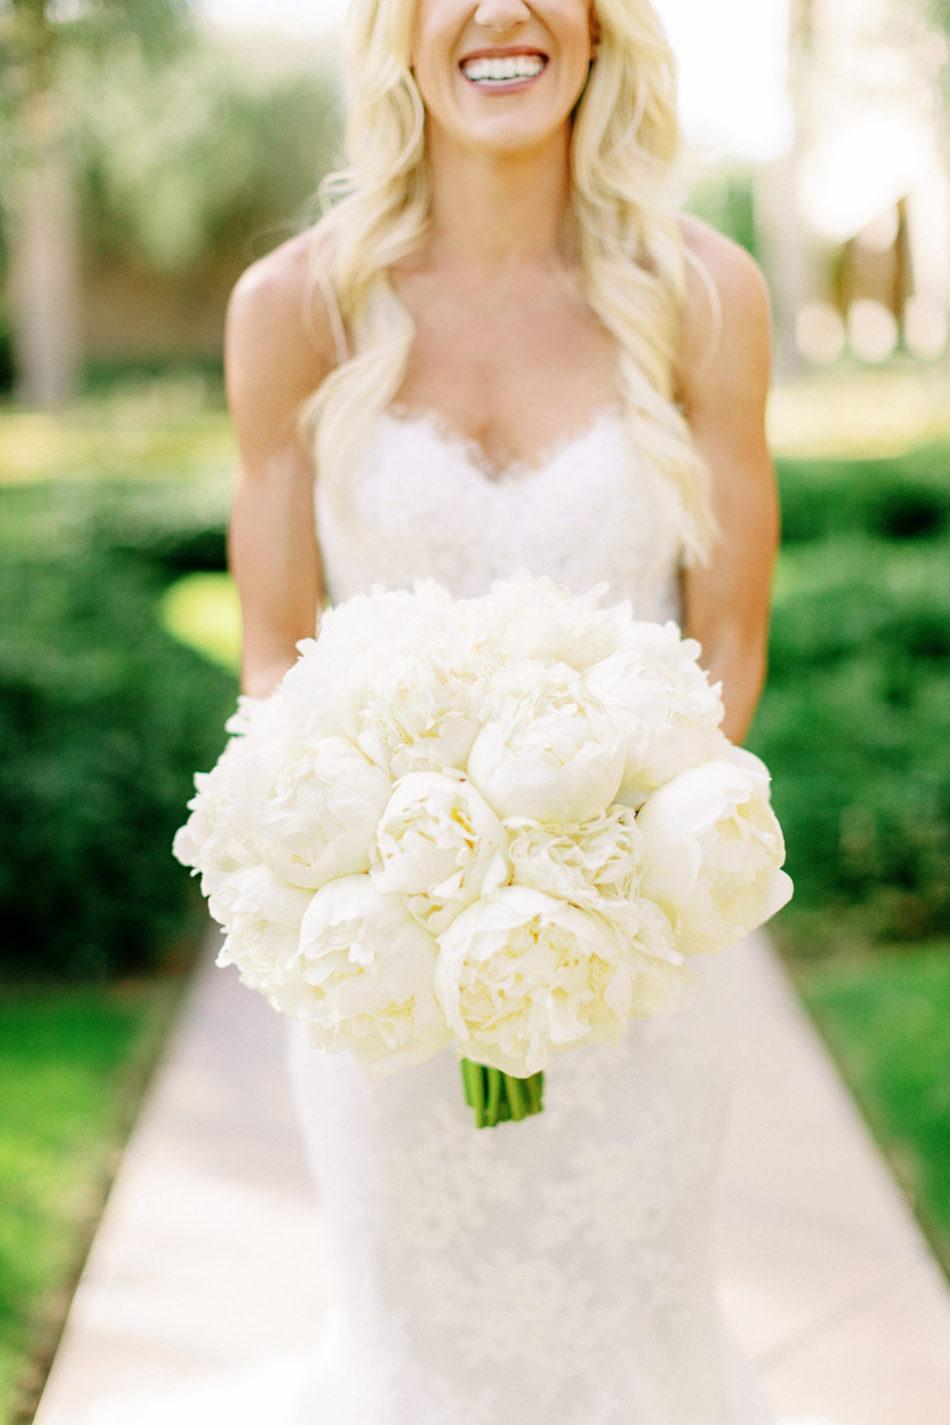 white bouquet, all-white bouquet, memorable bridal bouquets, floral design, florist, wedding florist, wedding flowers, orange county weddings, orange county wedding florist, orange county florist, orange county floral design, flowers by cina